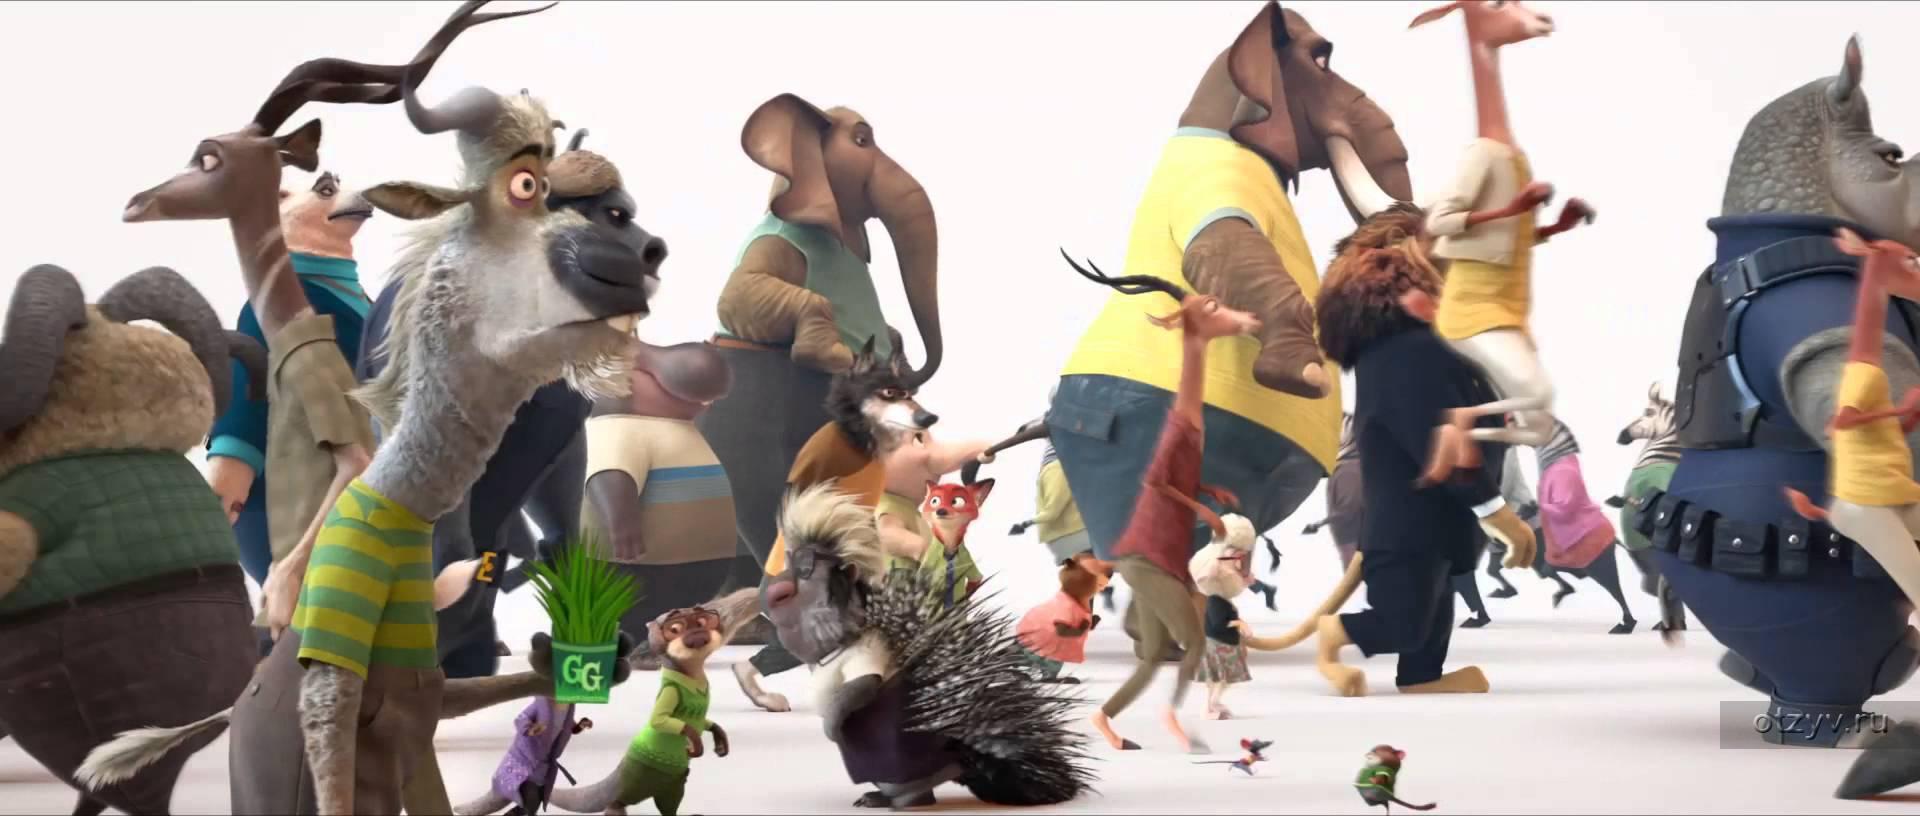 Посмотреть мультфильм Зверополис онлайн бесплатно